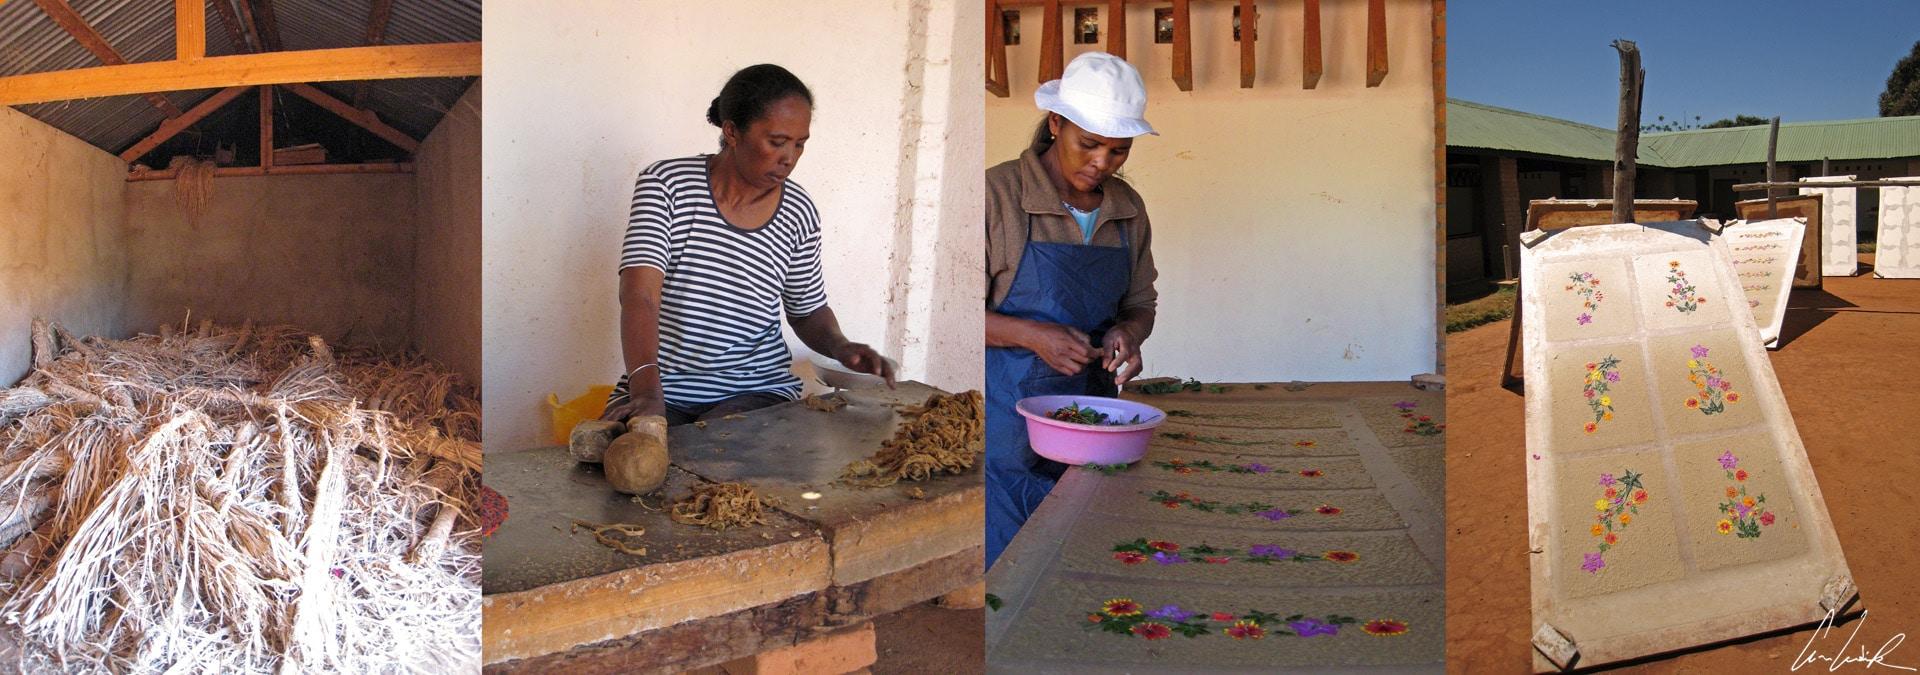 Ambalavao - Antaimoro craft paper